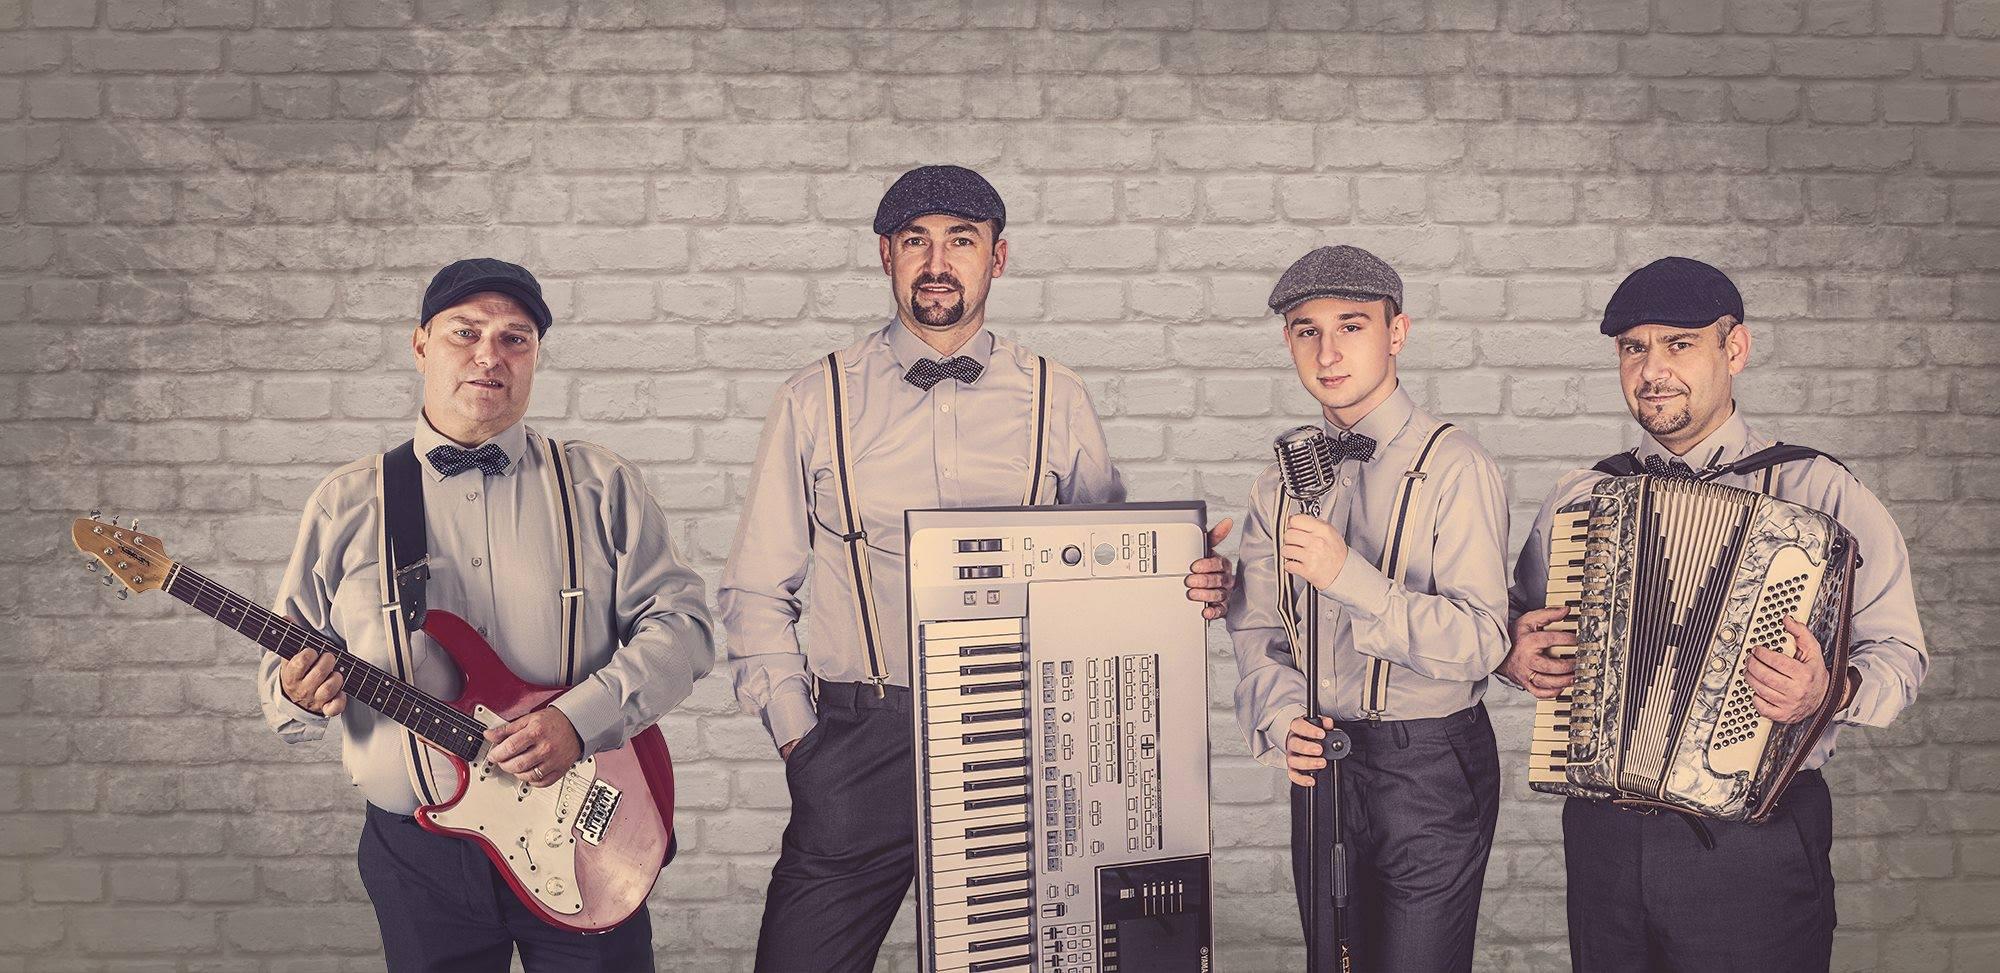 Zespół Muzyczny Retro Jesteśmy Zakochani Propozycja Piosenki Na